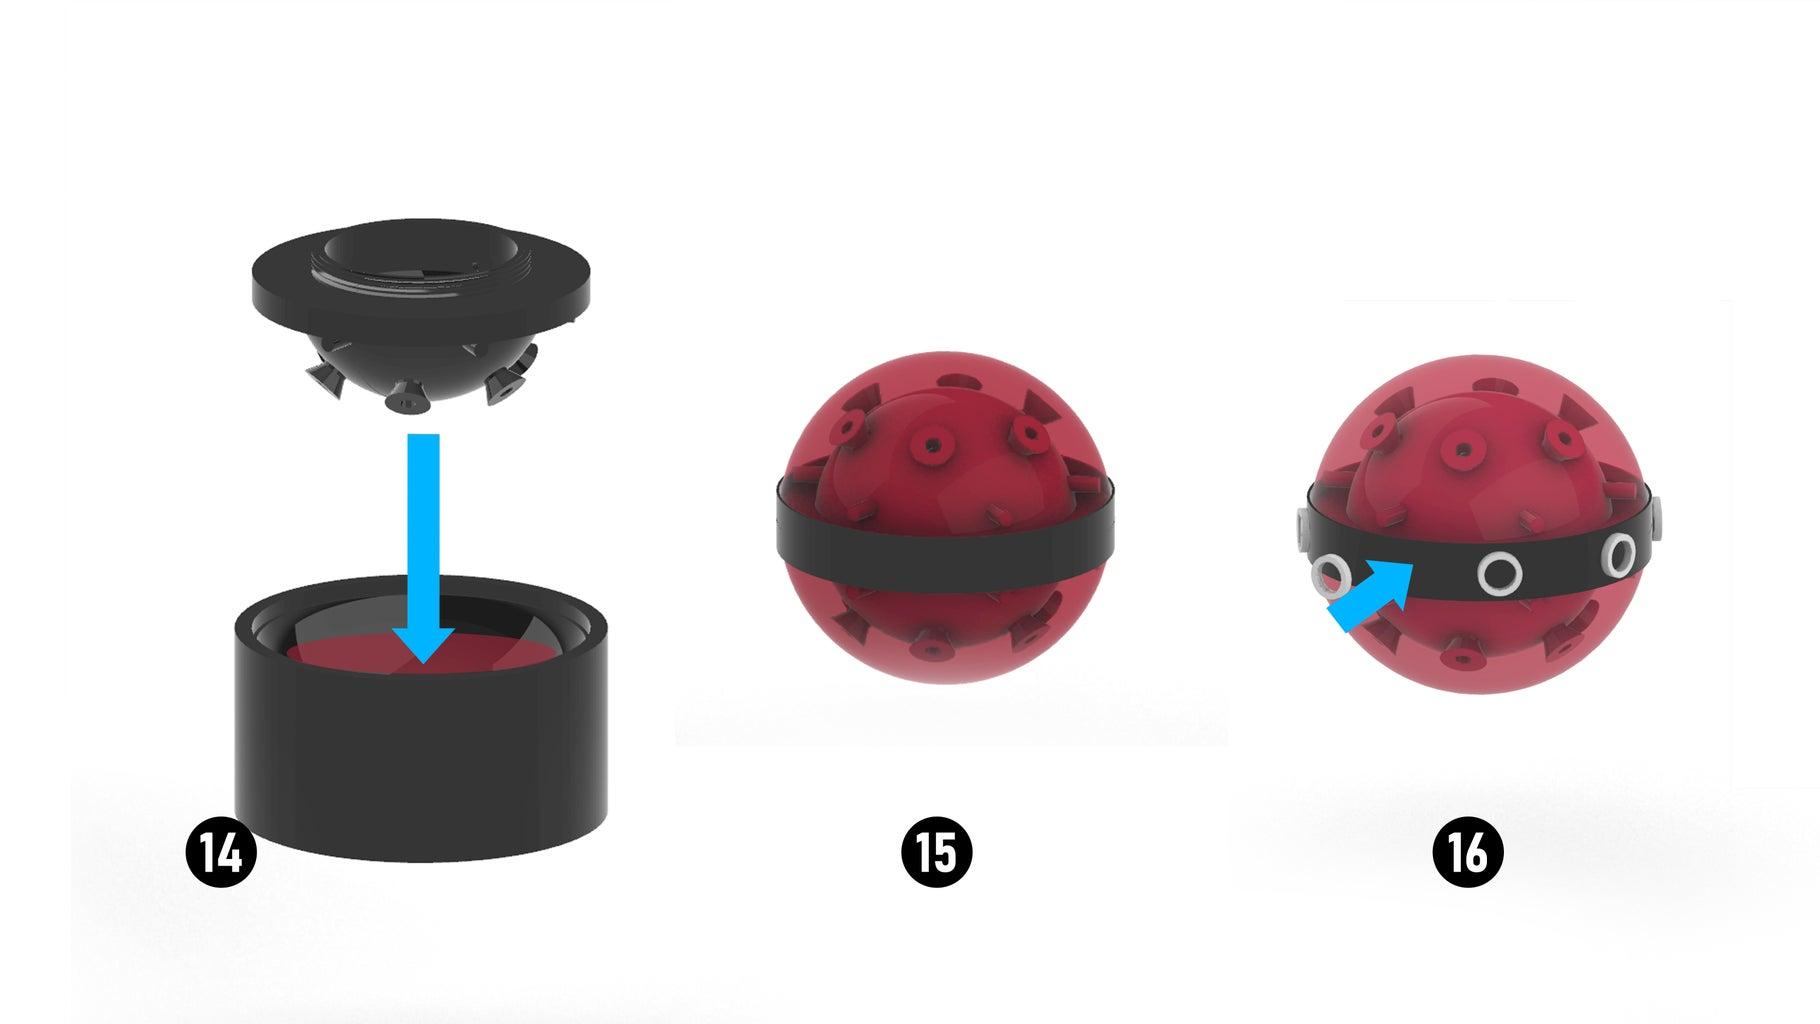 Assembling the Ball